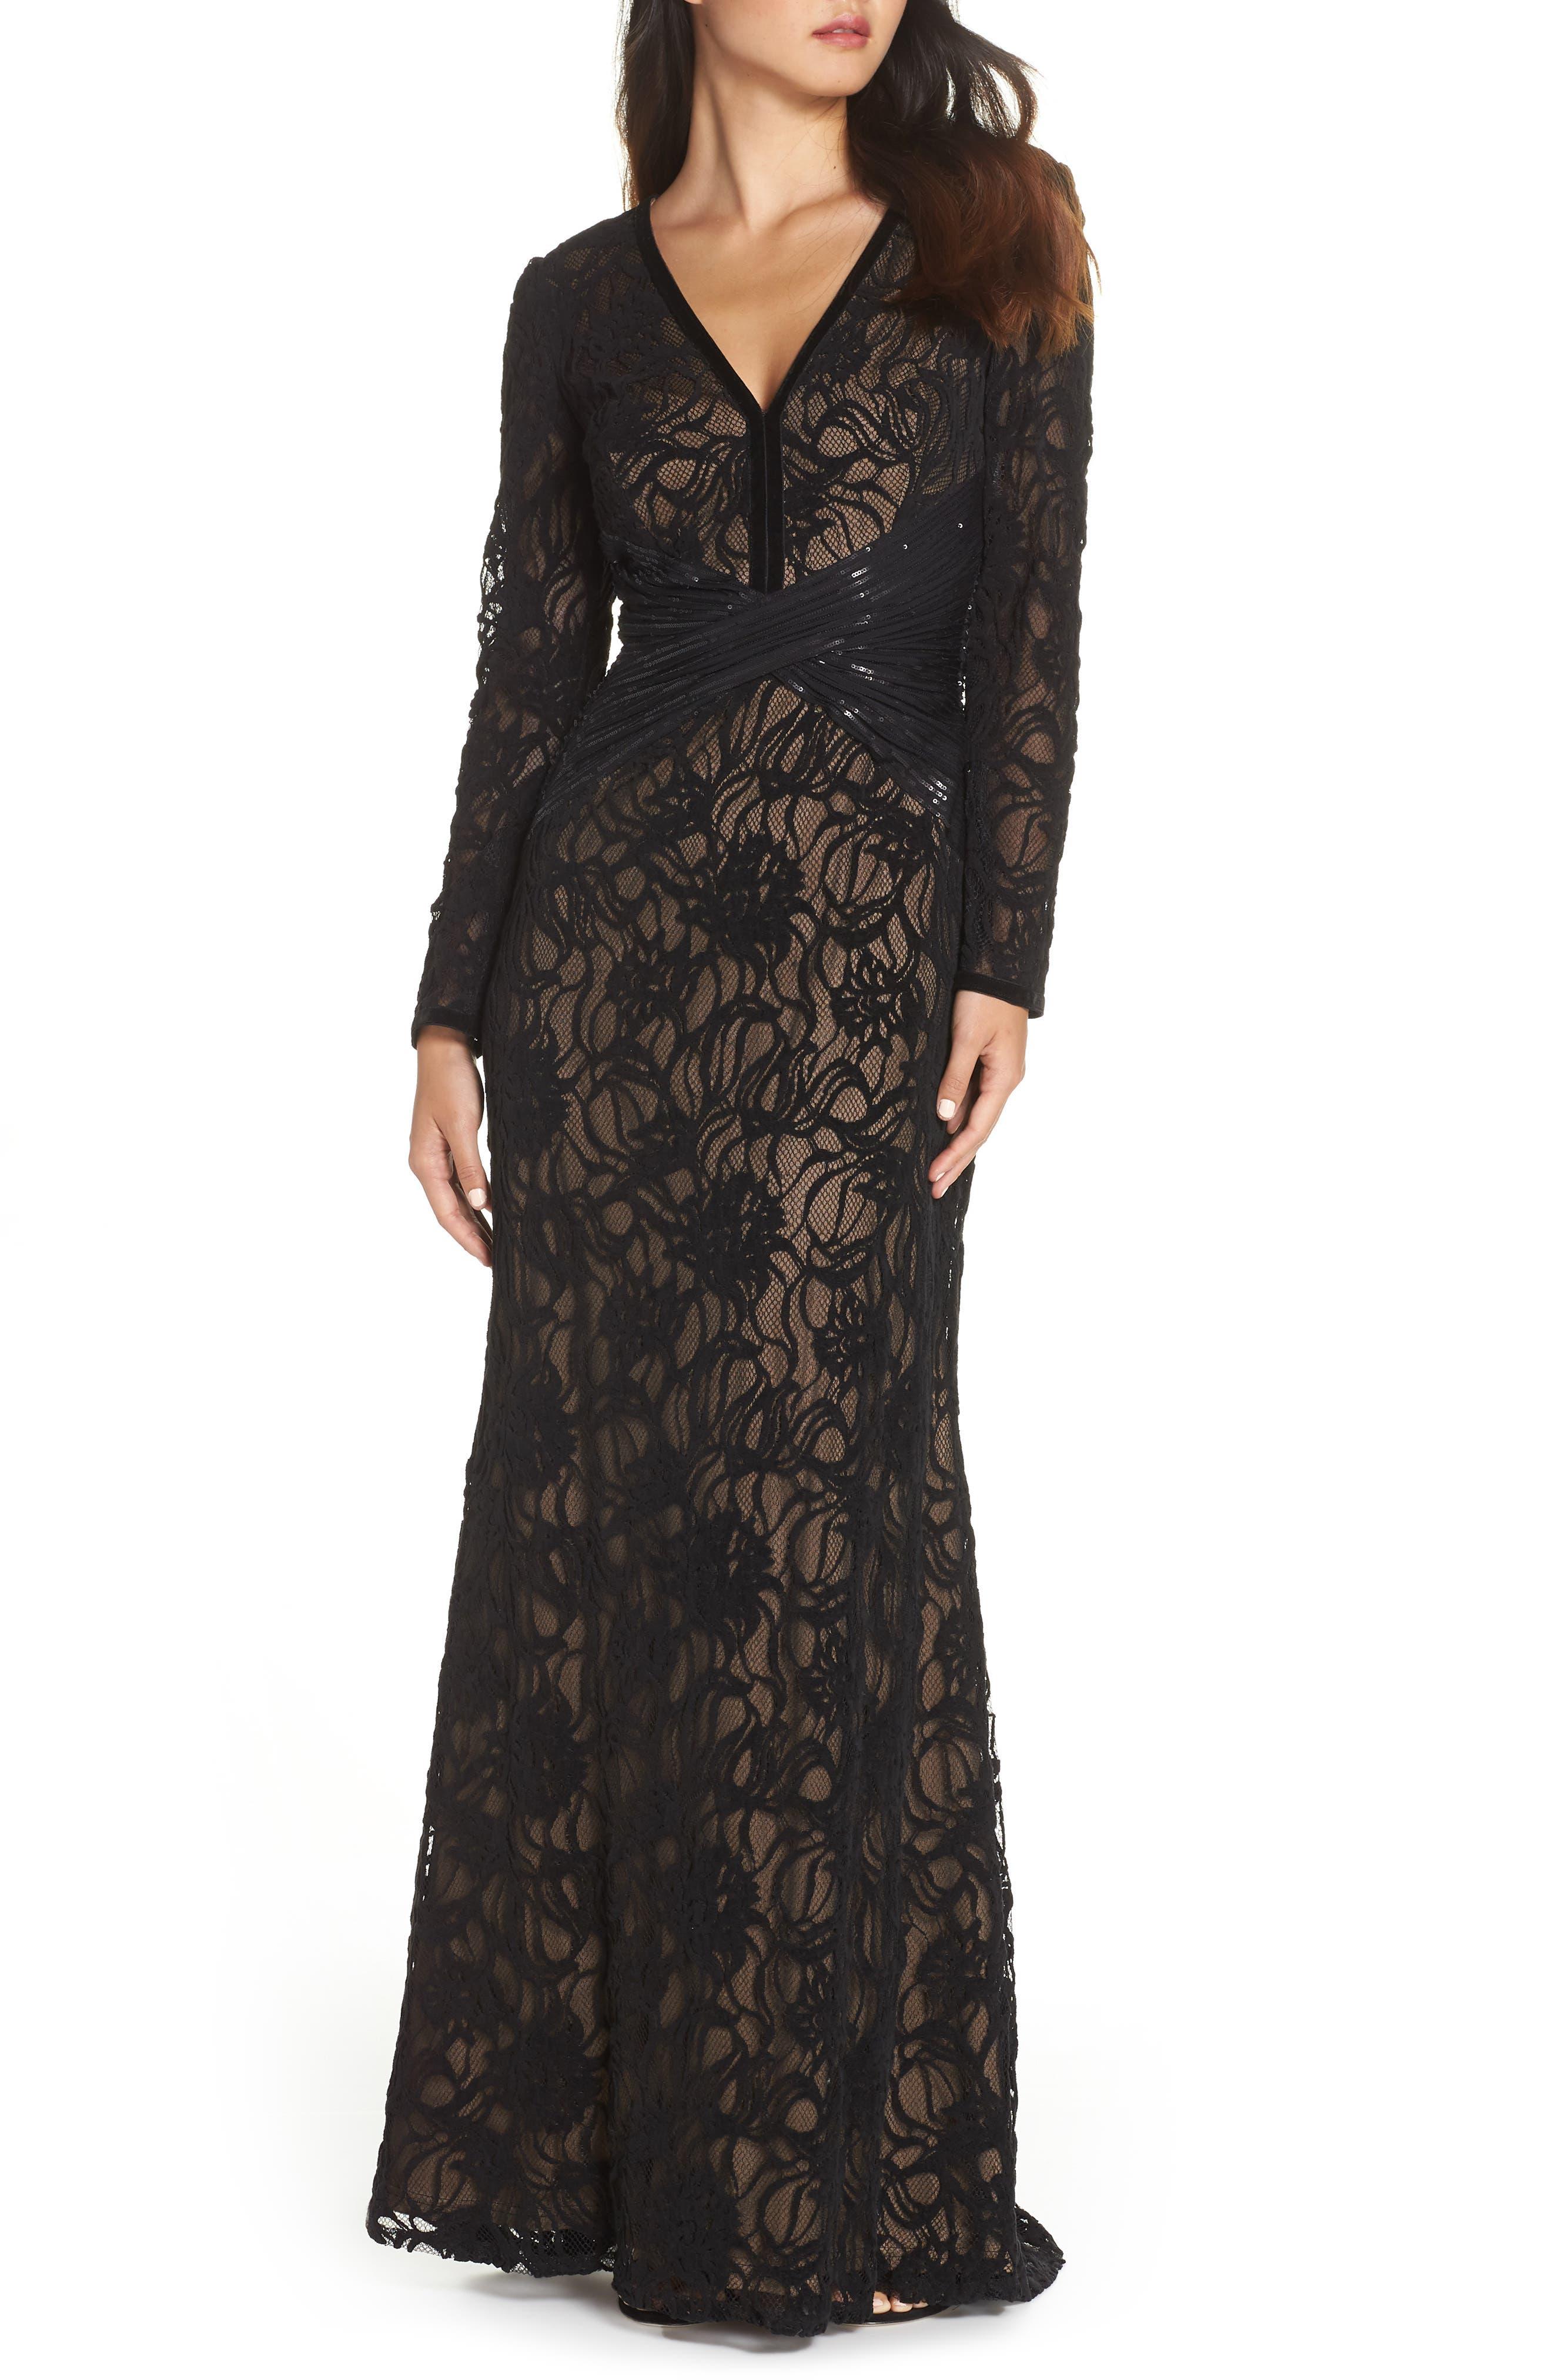 TADASHI SHOJI Burnout Lace Gown, Main, color, BLACK/ NUDE